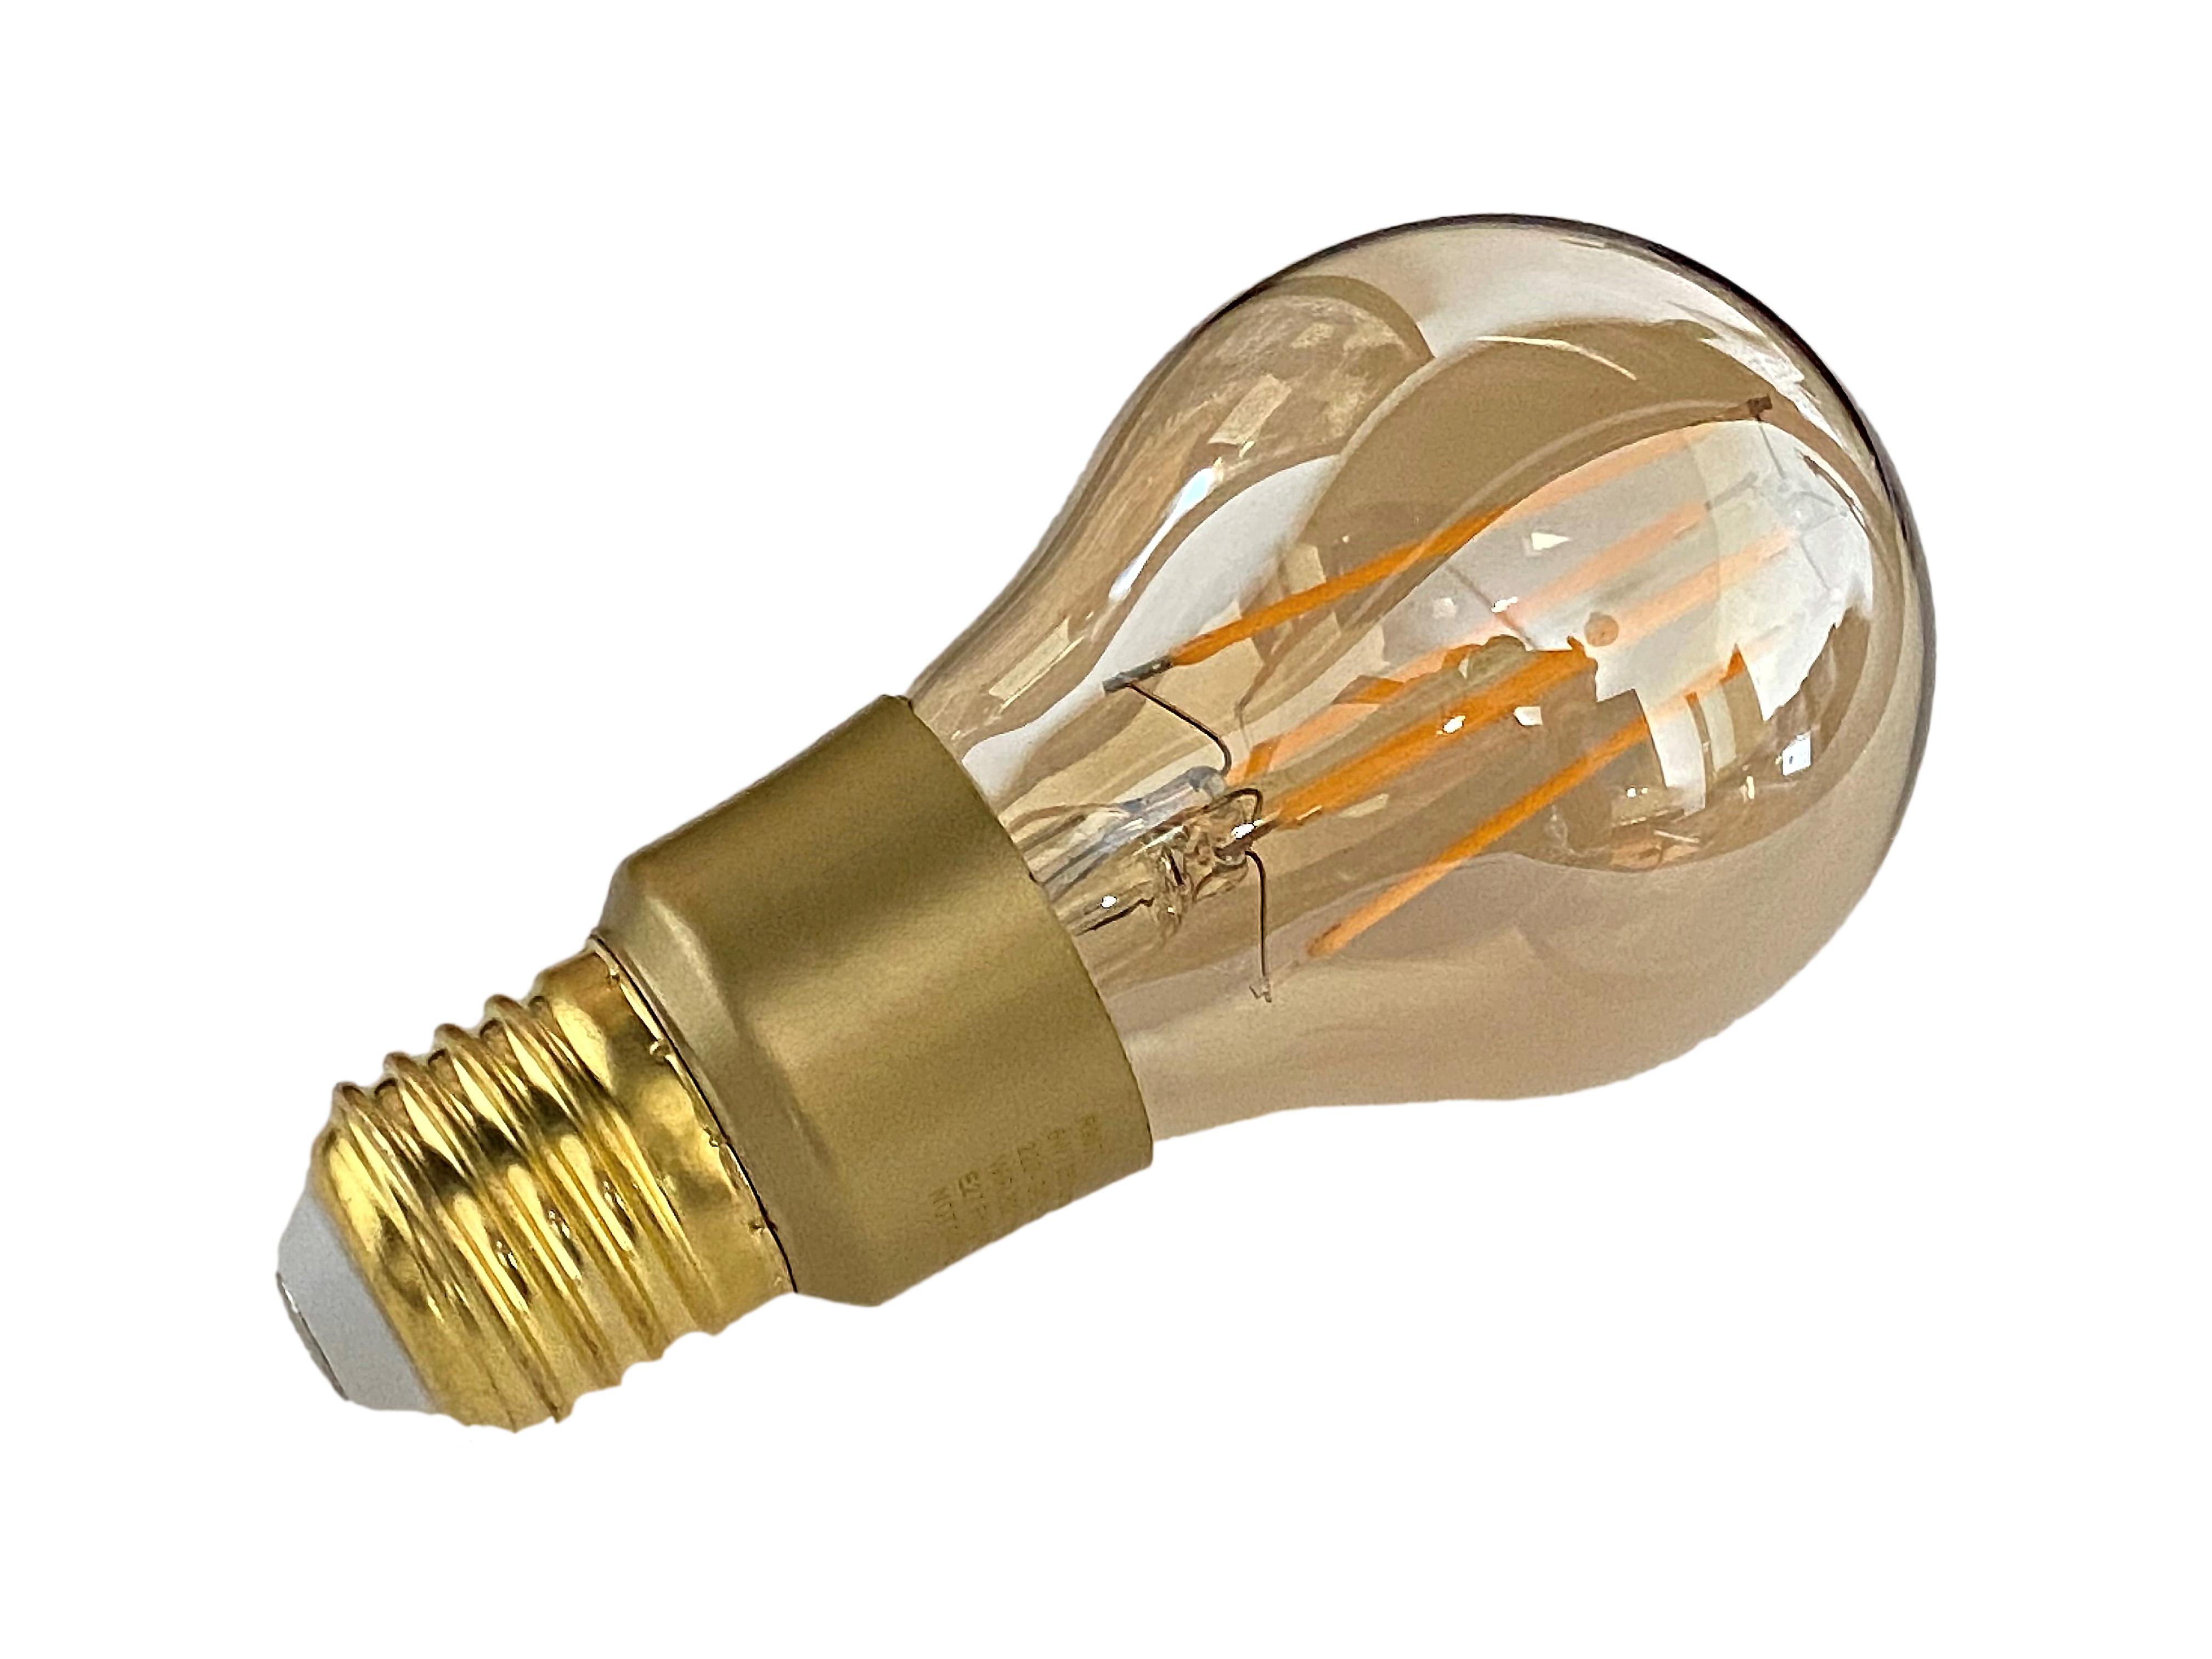 Żarówka ozdobna LED WiFi Tuya